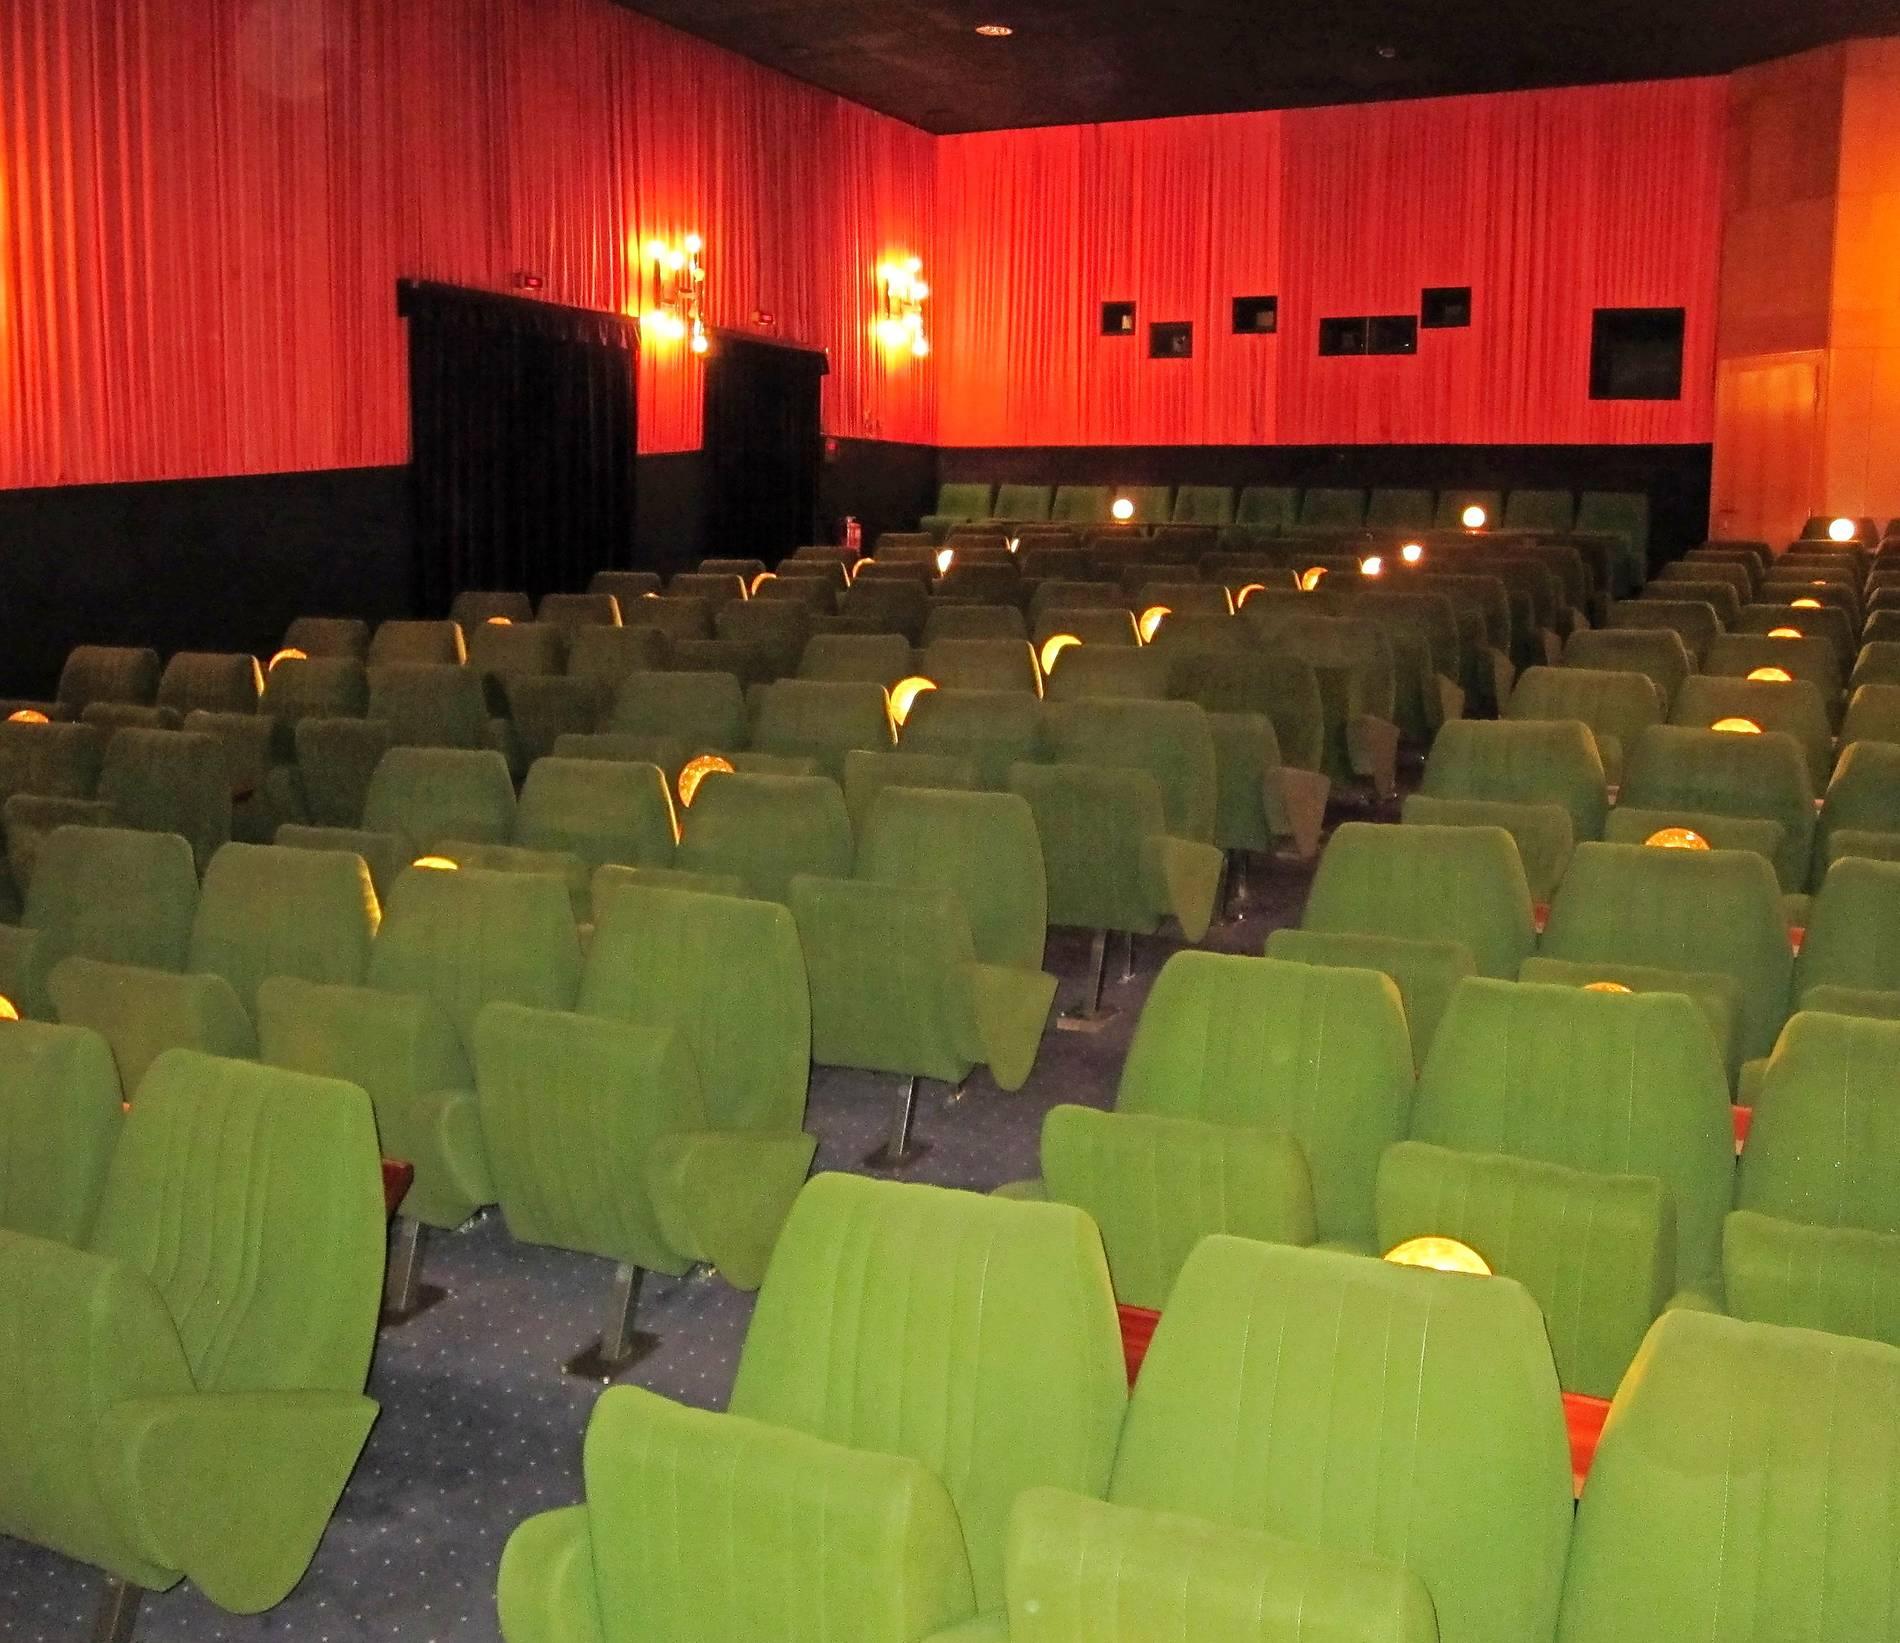 Kino In St.Wendel